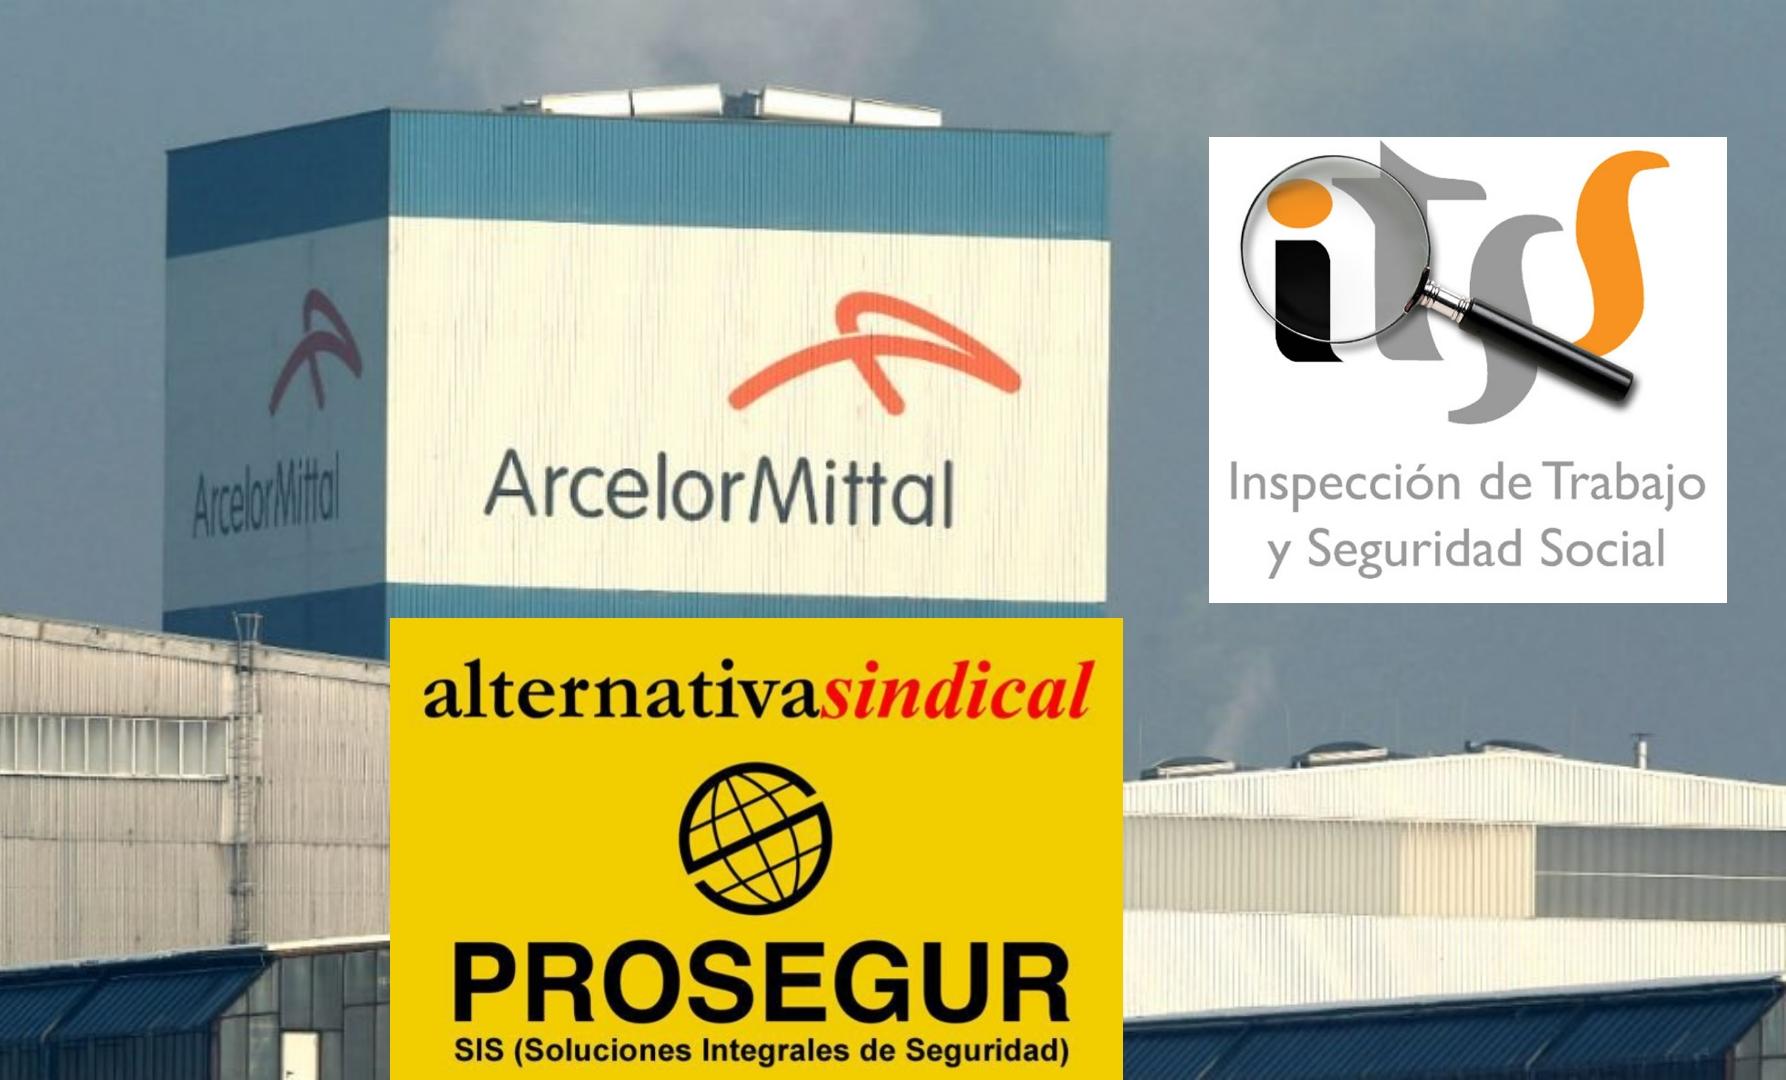 Alternativasindical denuncia a Prosegur SIS Valencia.